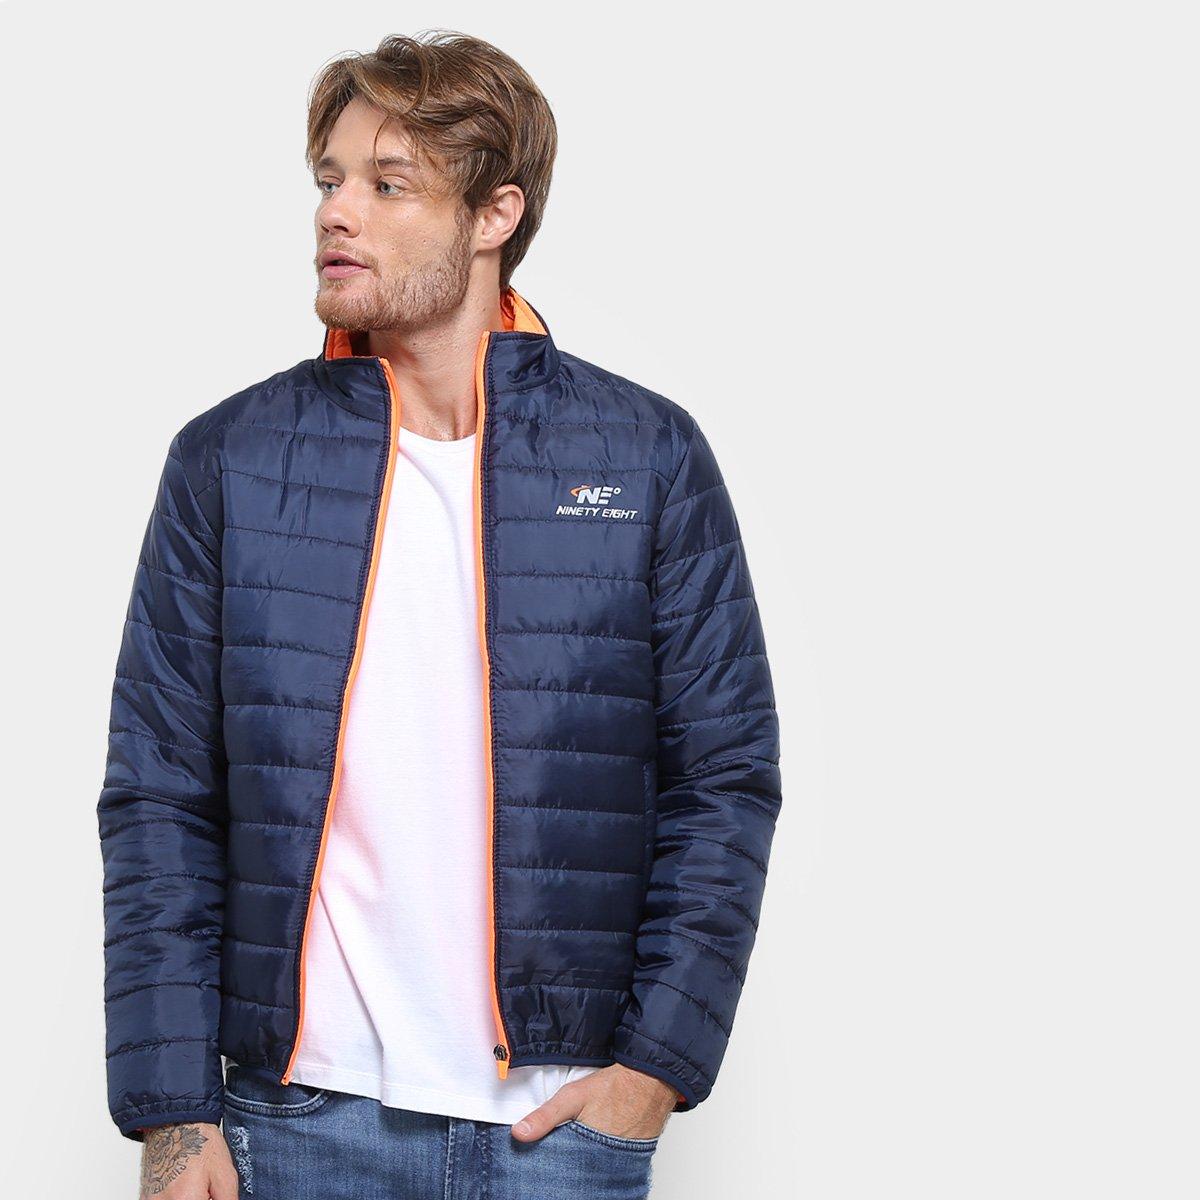 25% OFF em roupas top marcas